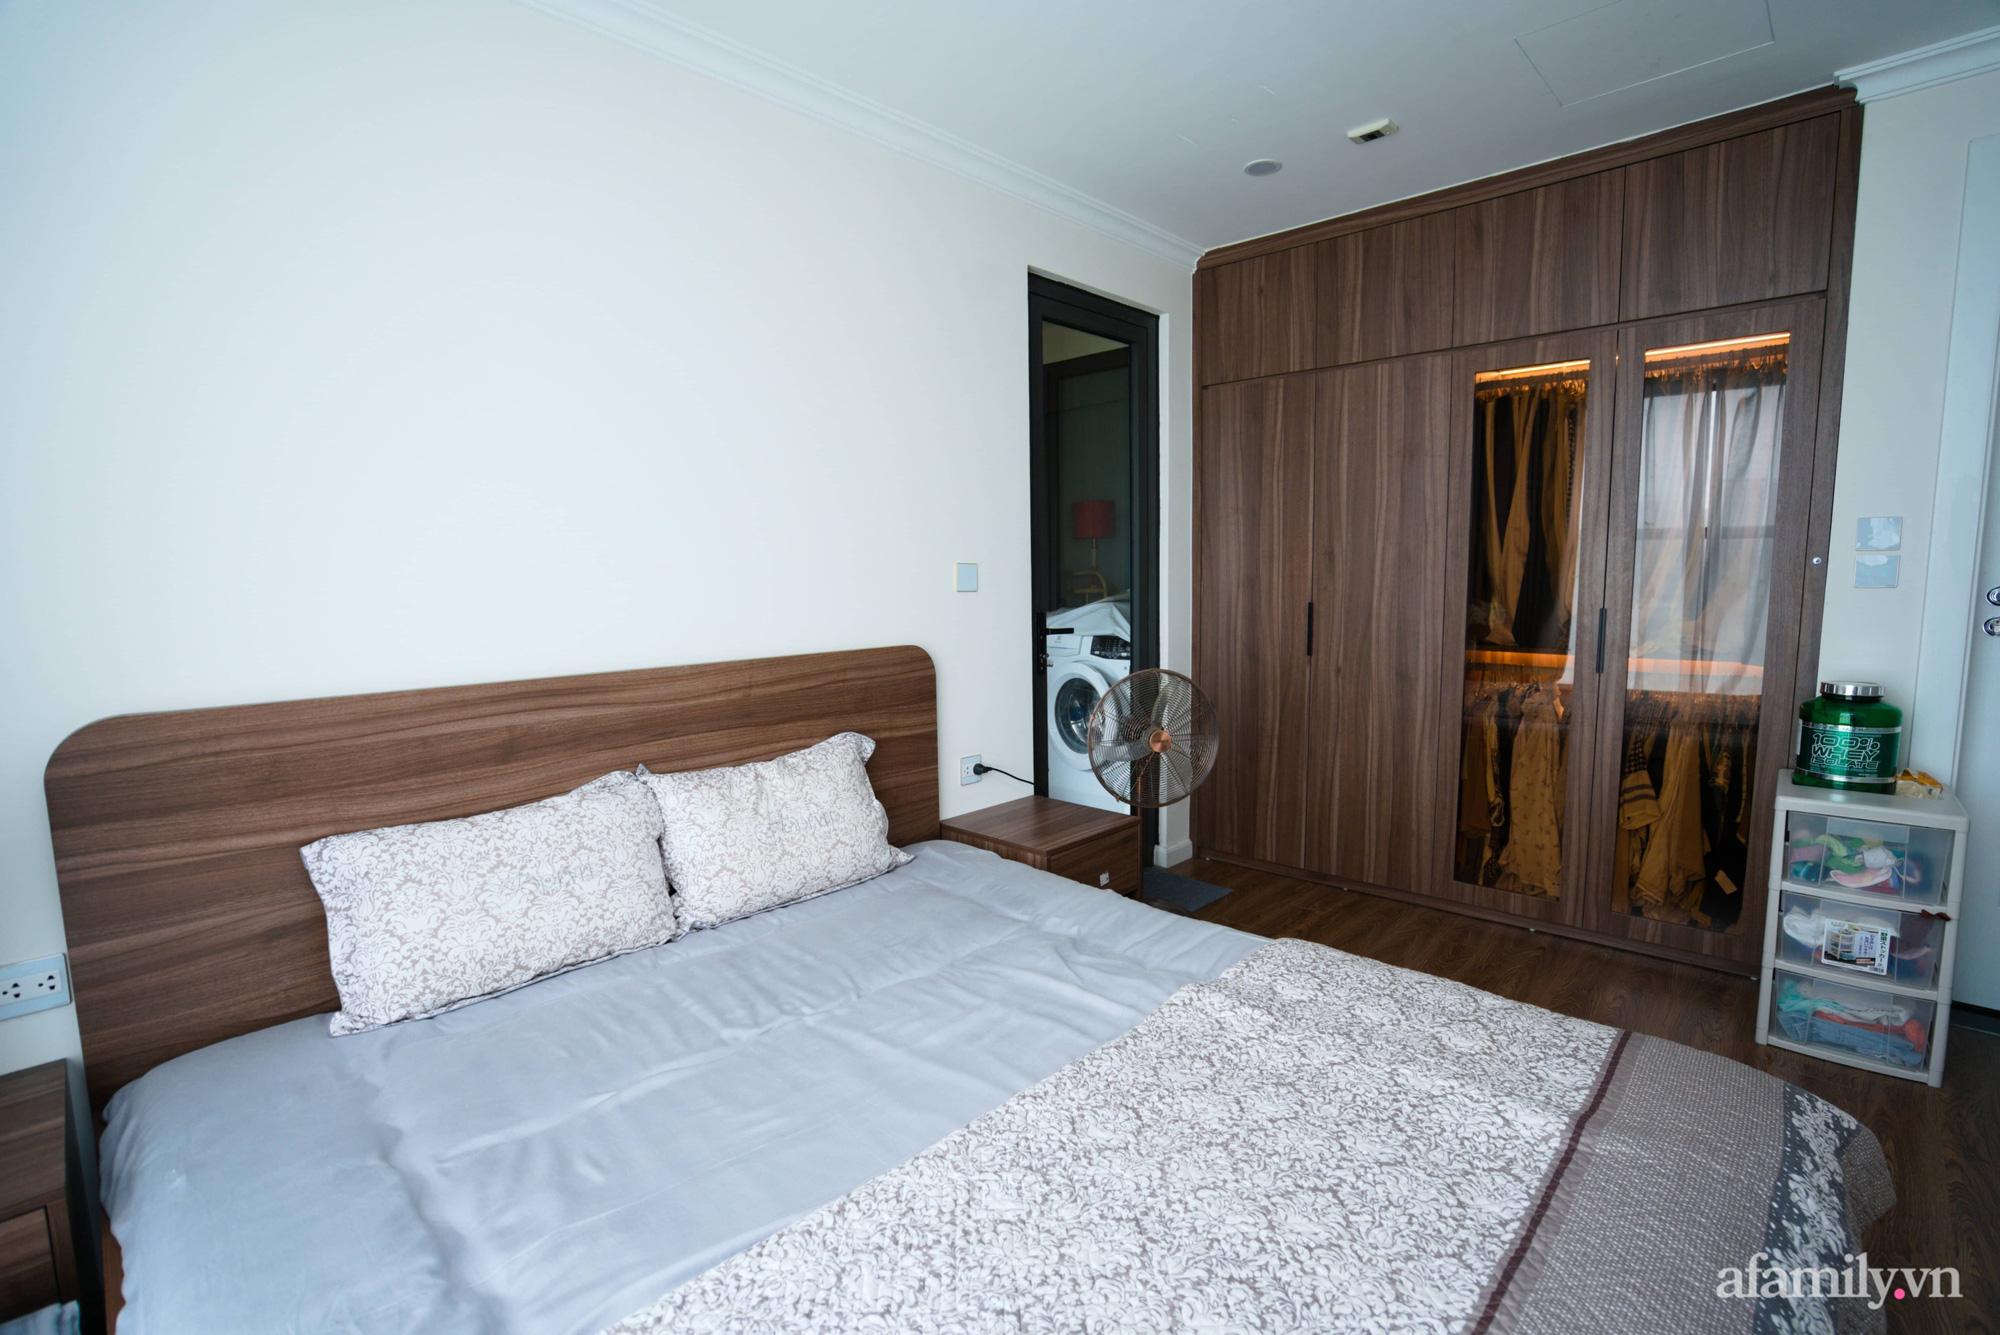 Căn hộ 107m2 đẹp sang trọng với nội thất màu gỗ óc chó có chi phí hoàn thiện 150 triệu đồng ở Hà Nội - Ảnh 13.